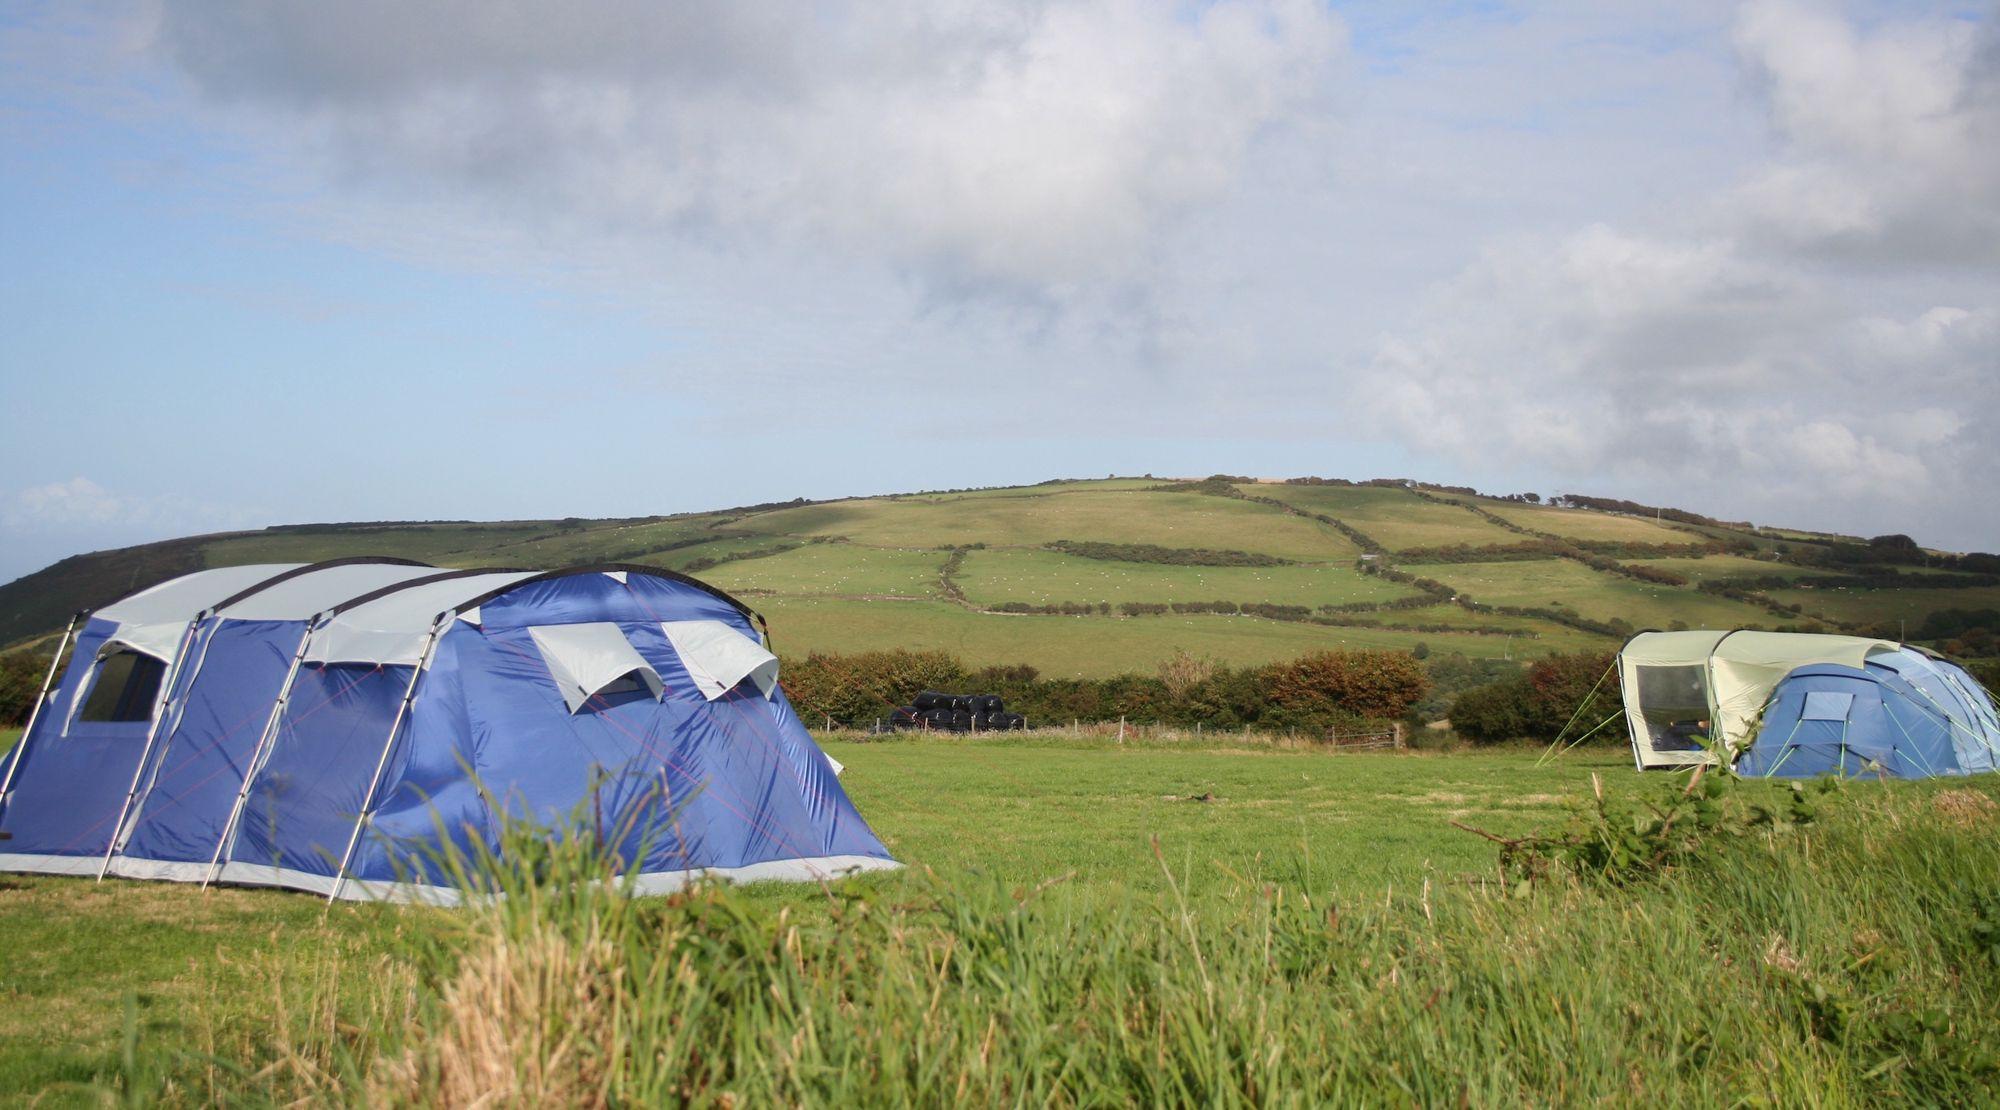 Campsites in Exmoor National Park